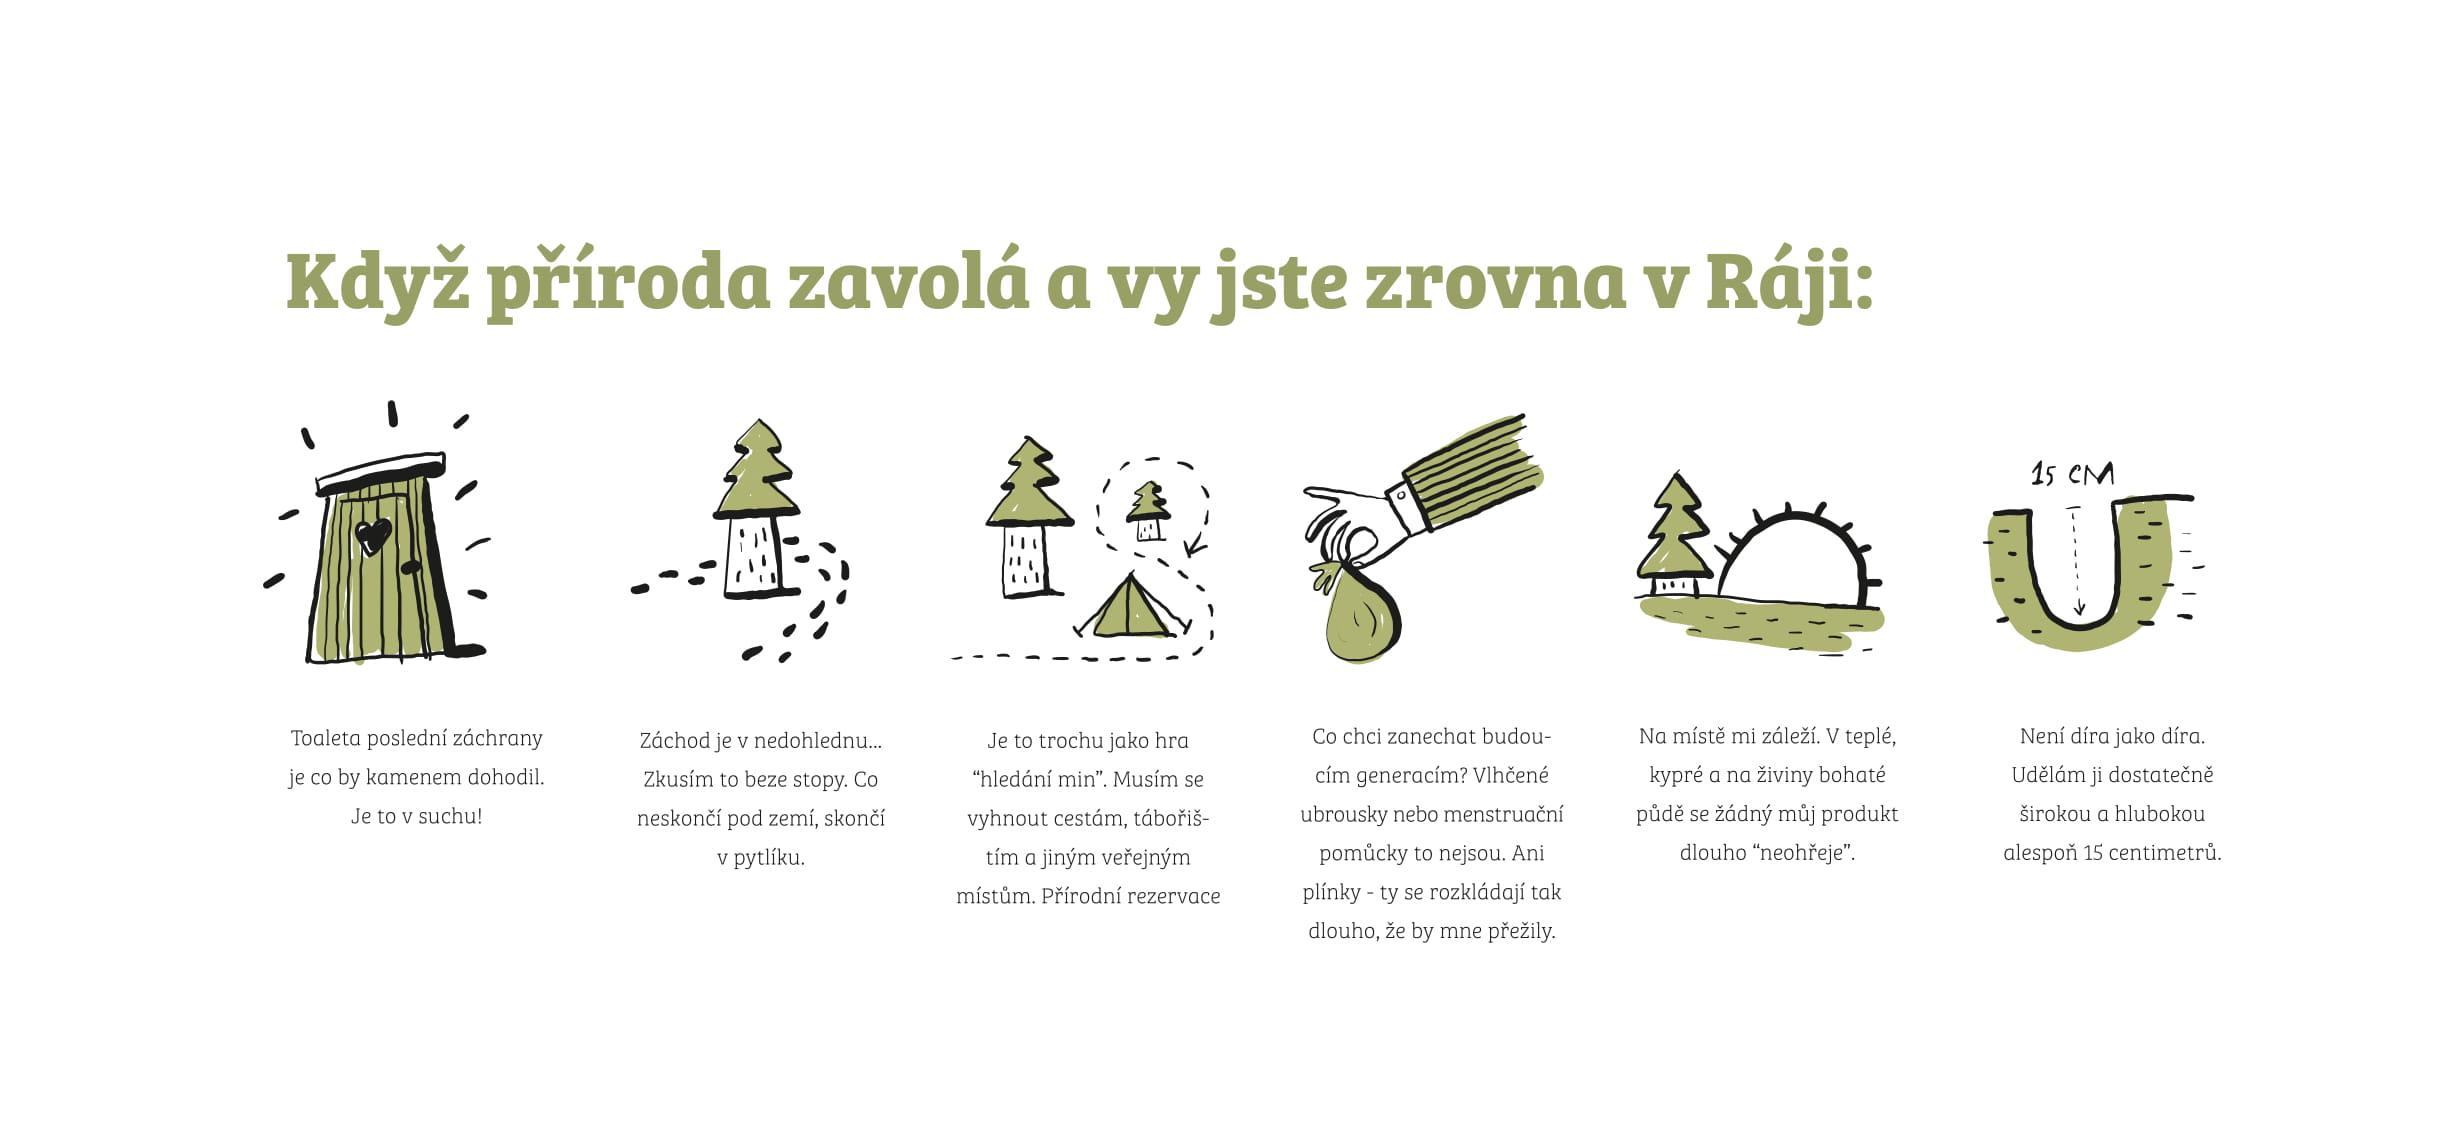 Zdroj: Sdružení Český ráj